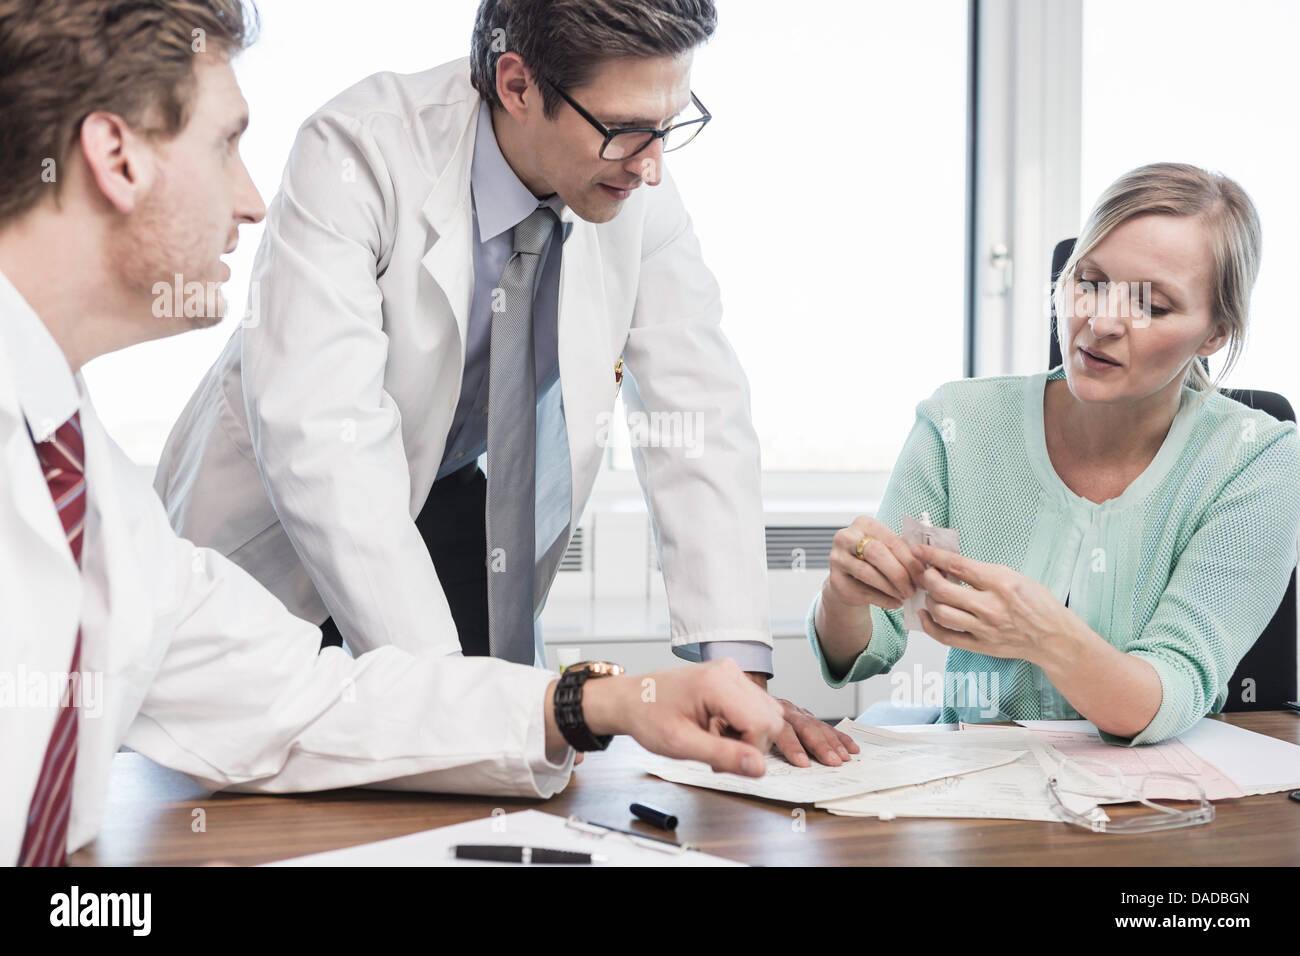 Gli uomini indossano camici da laboratorio parlando di donna sat alla scrivania tenendo il tubo di prova Immagini Stock